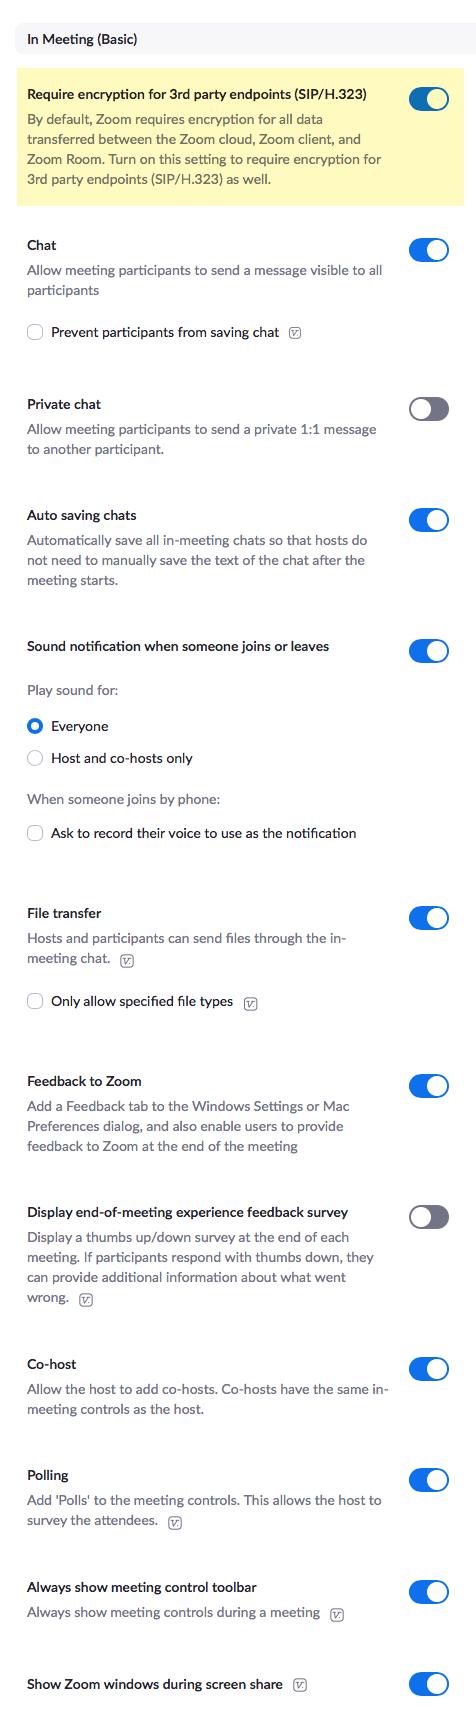 Zoom settings 3 of 7